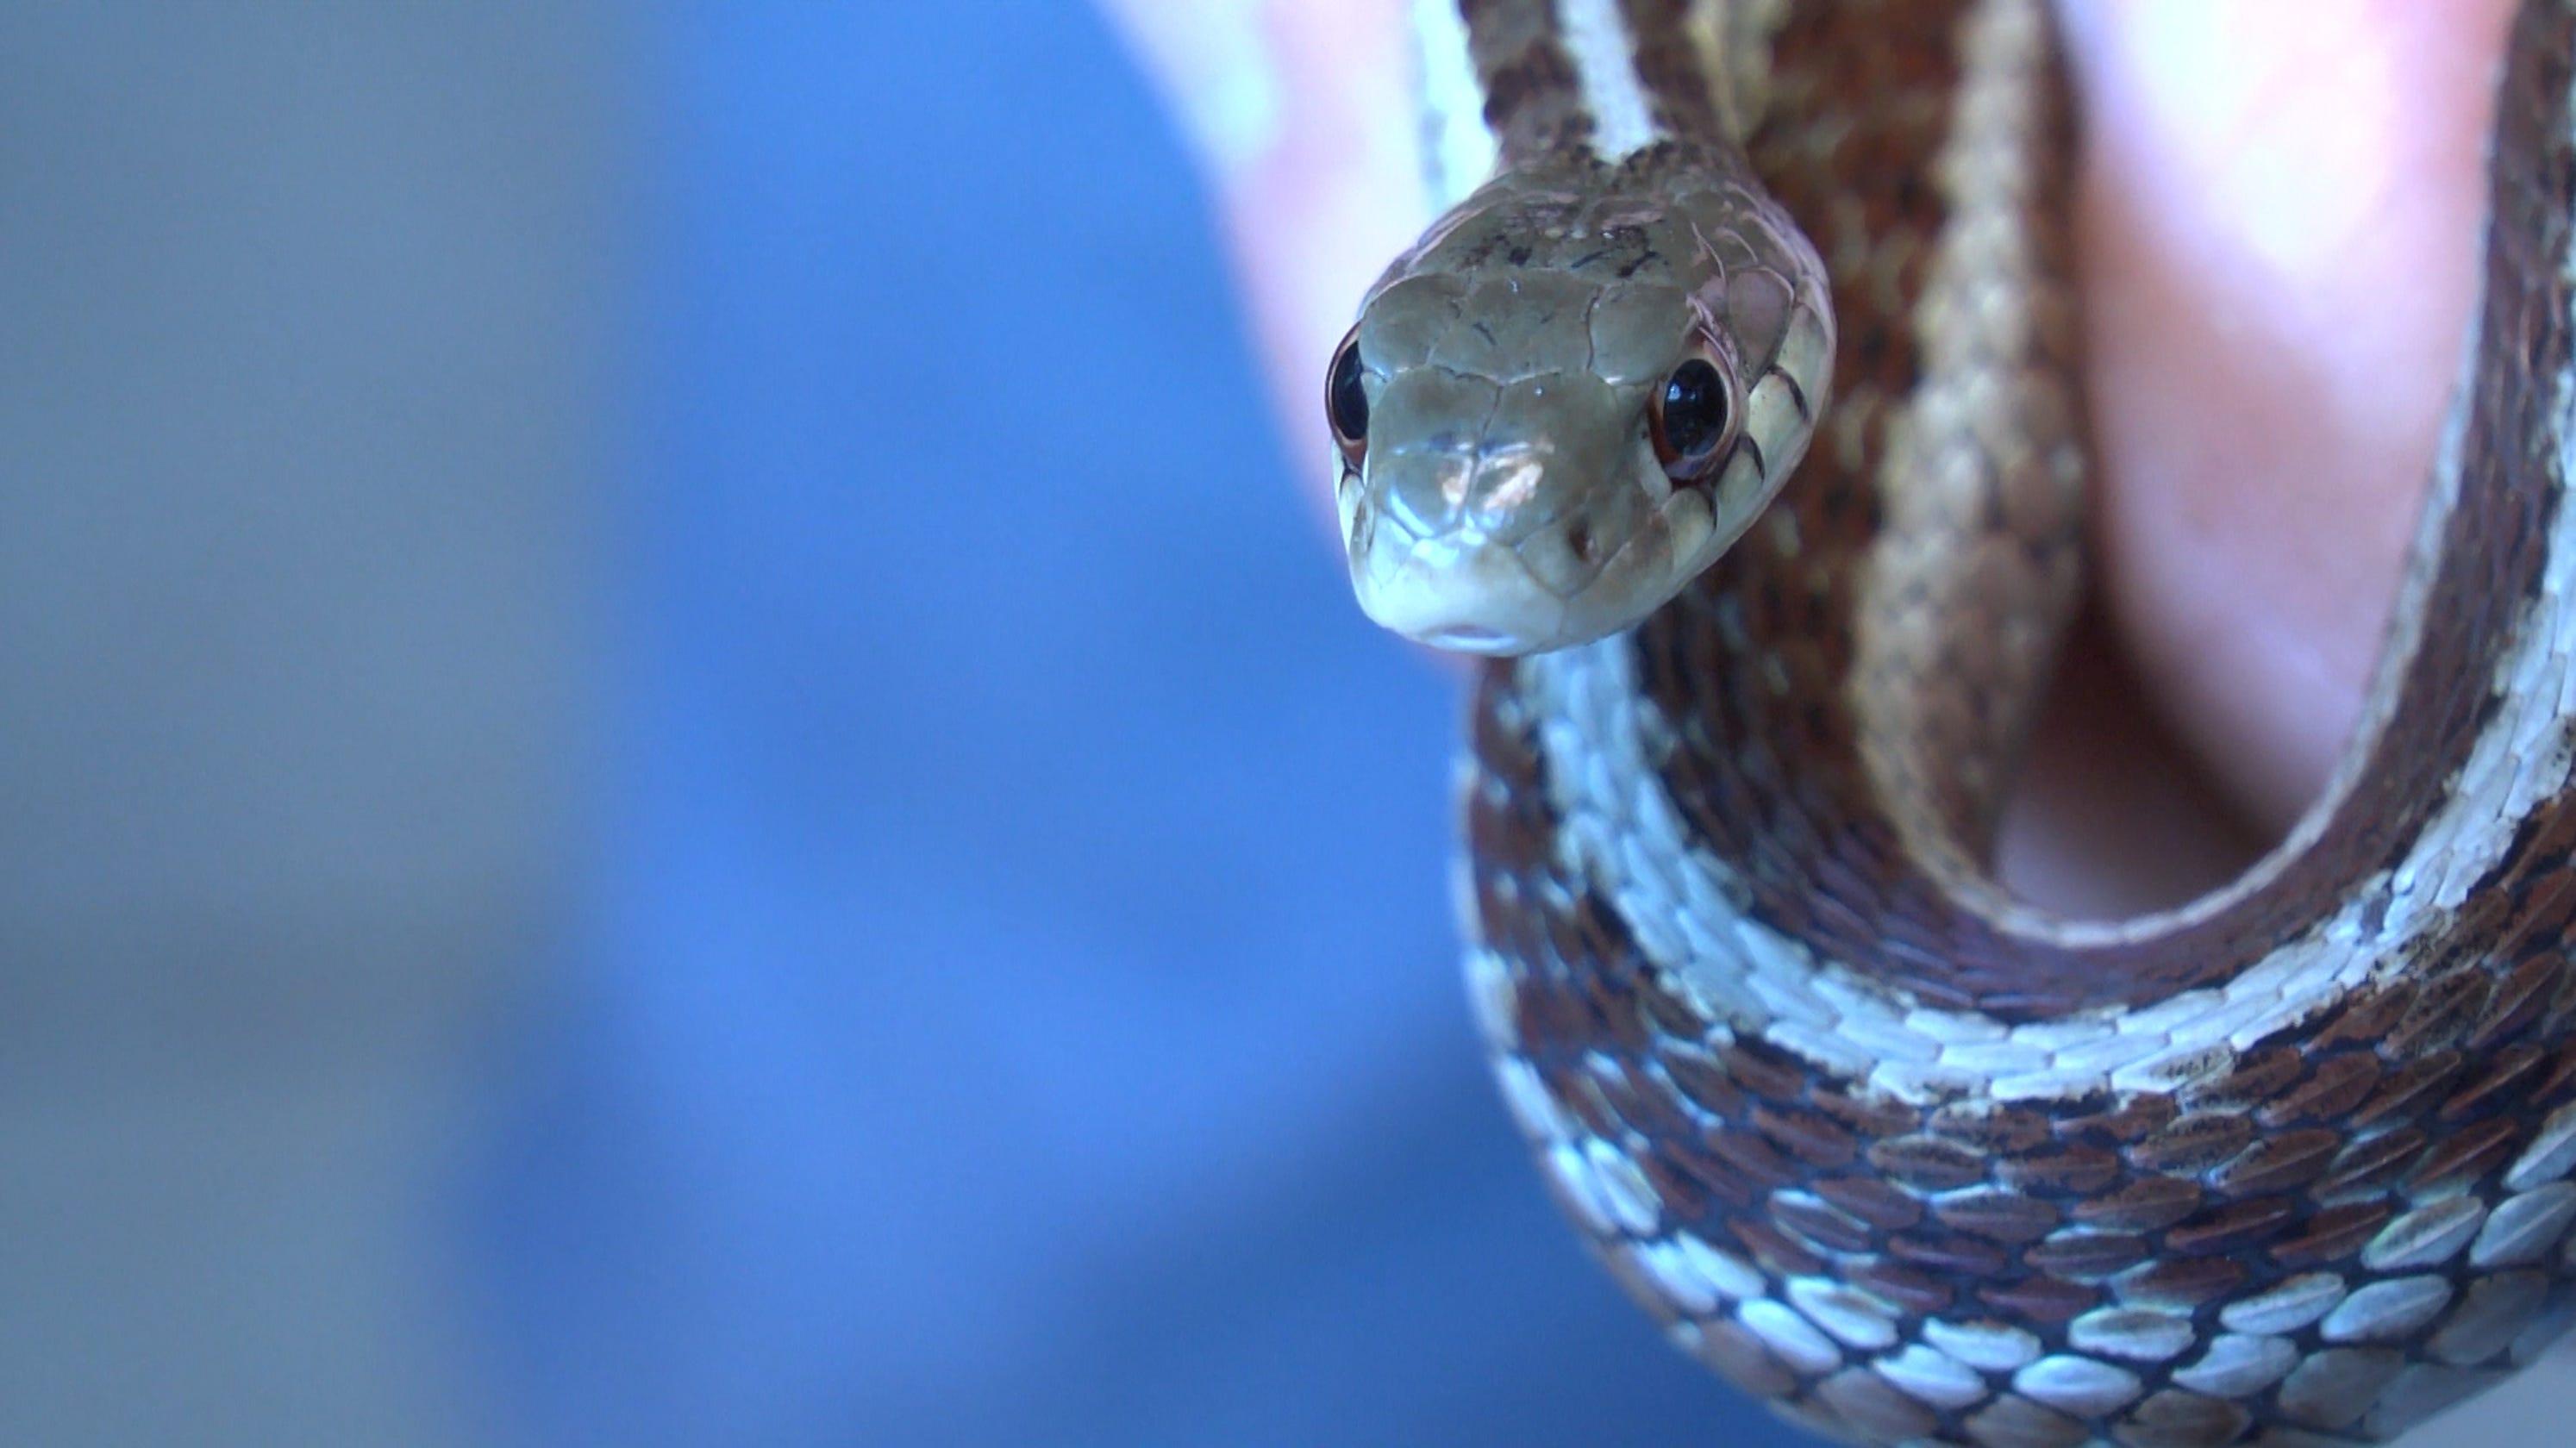 Snake Bite Images, Stock Photos & Vectors   Shutterstock   Garter Snake Teeth